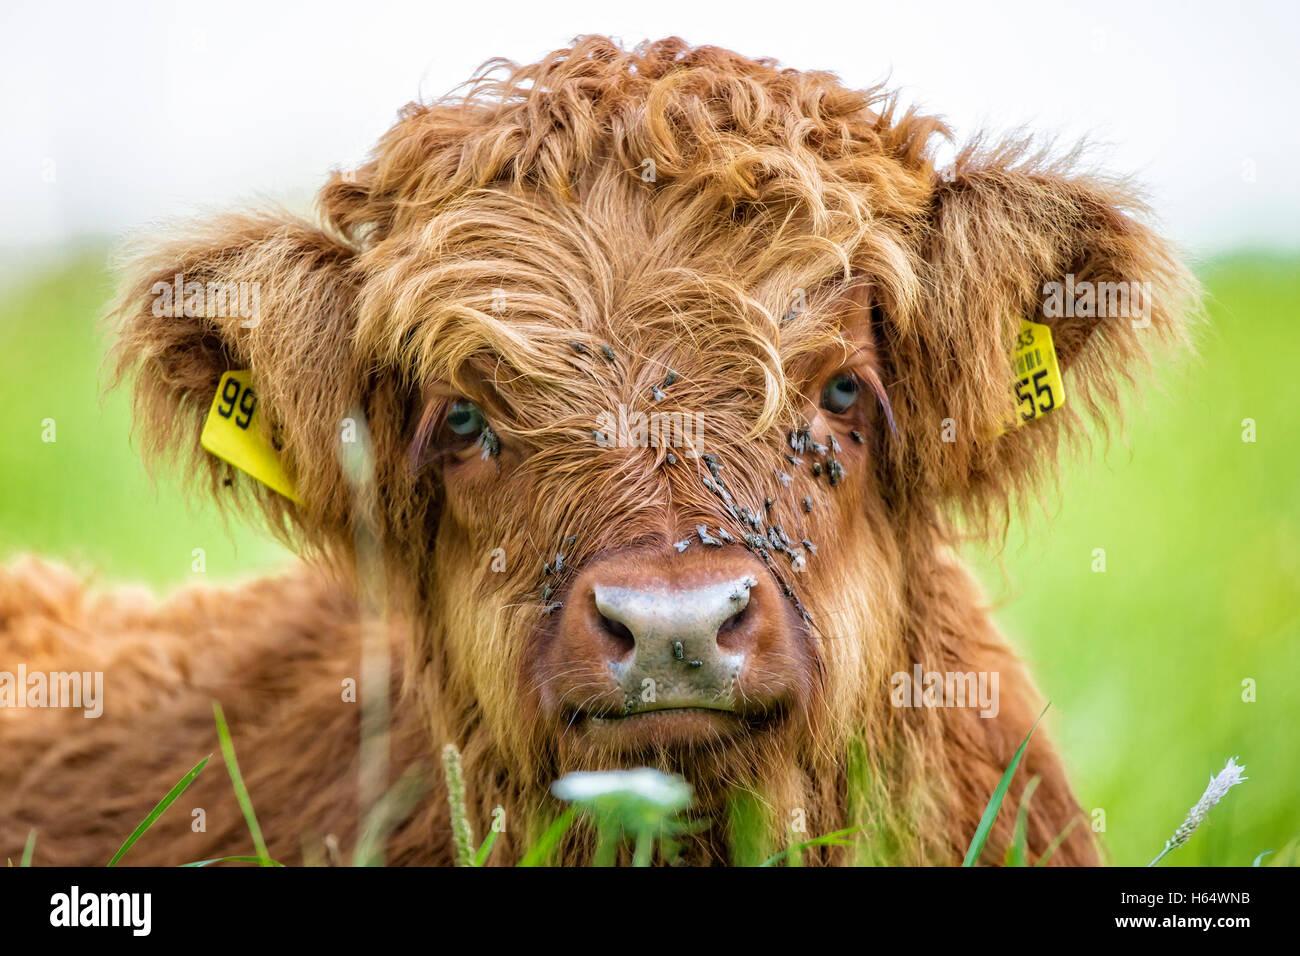 Cerca de highland vaca ternero tumbado en la hierba Imagen De Stock